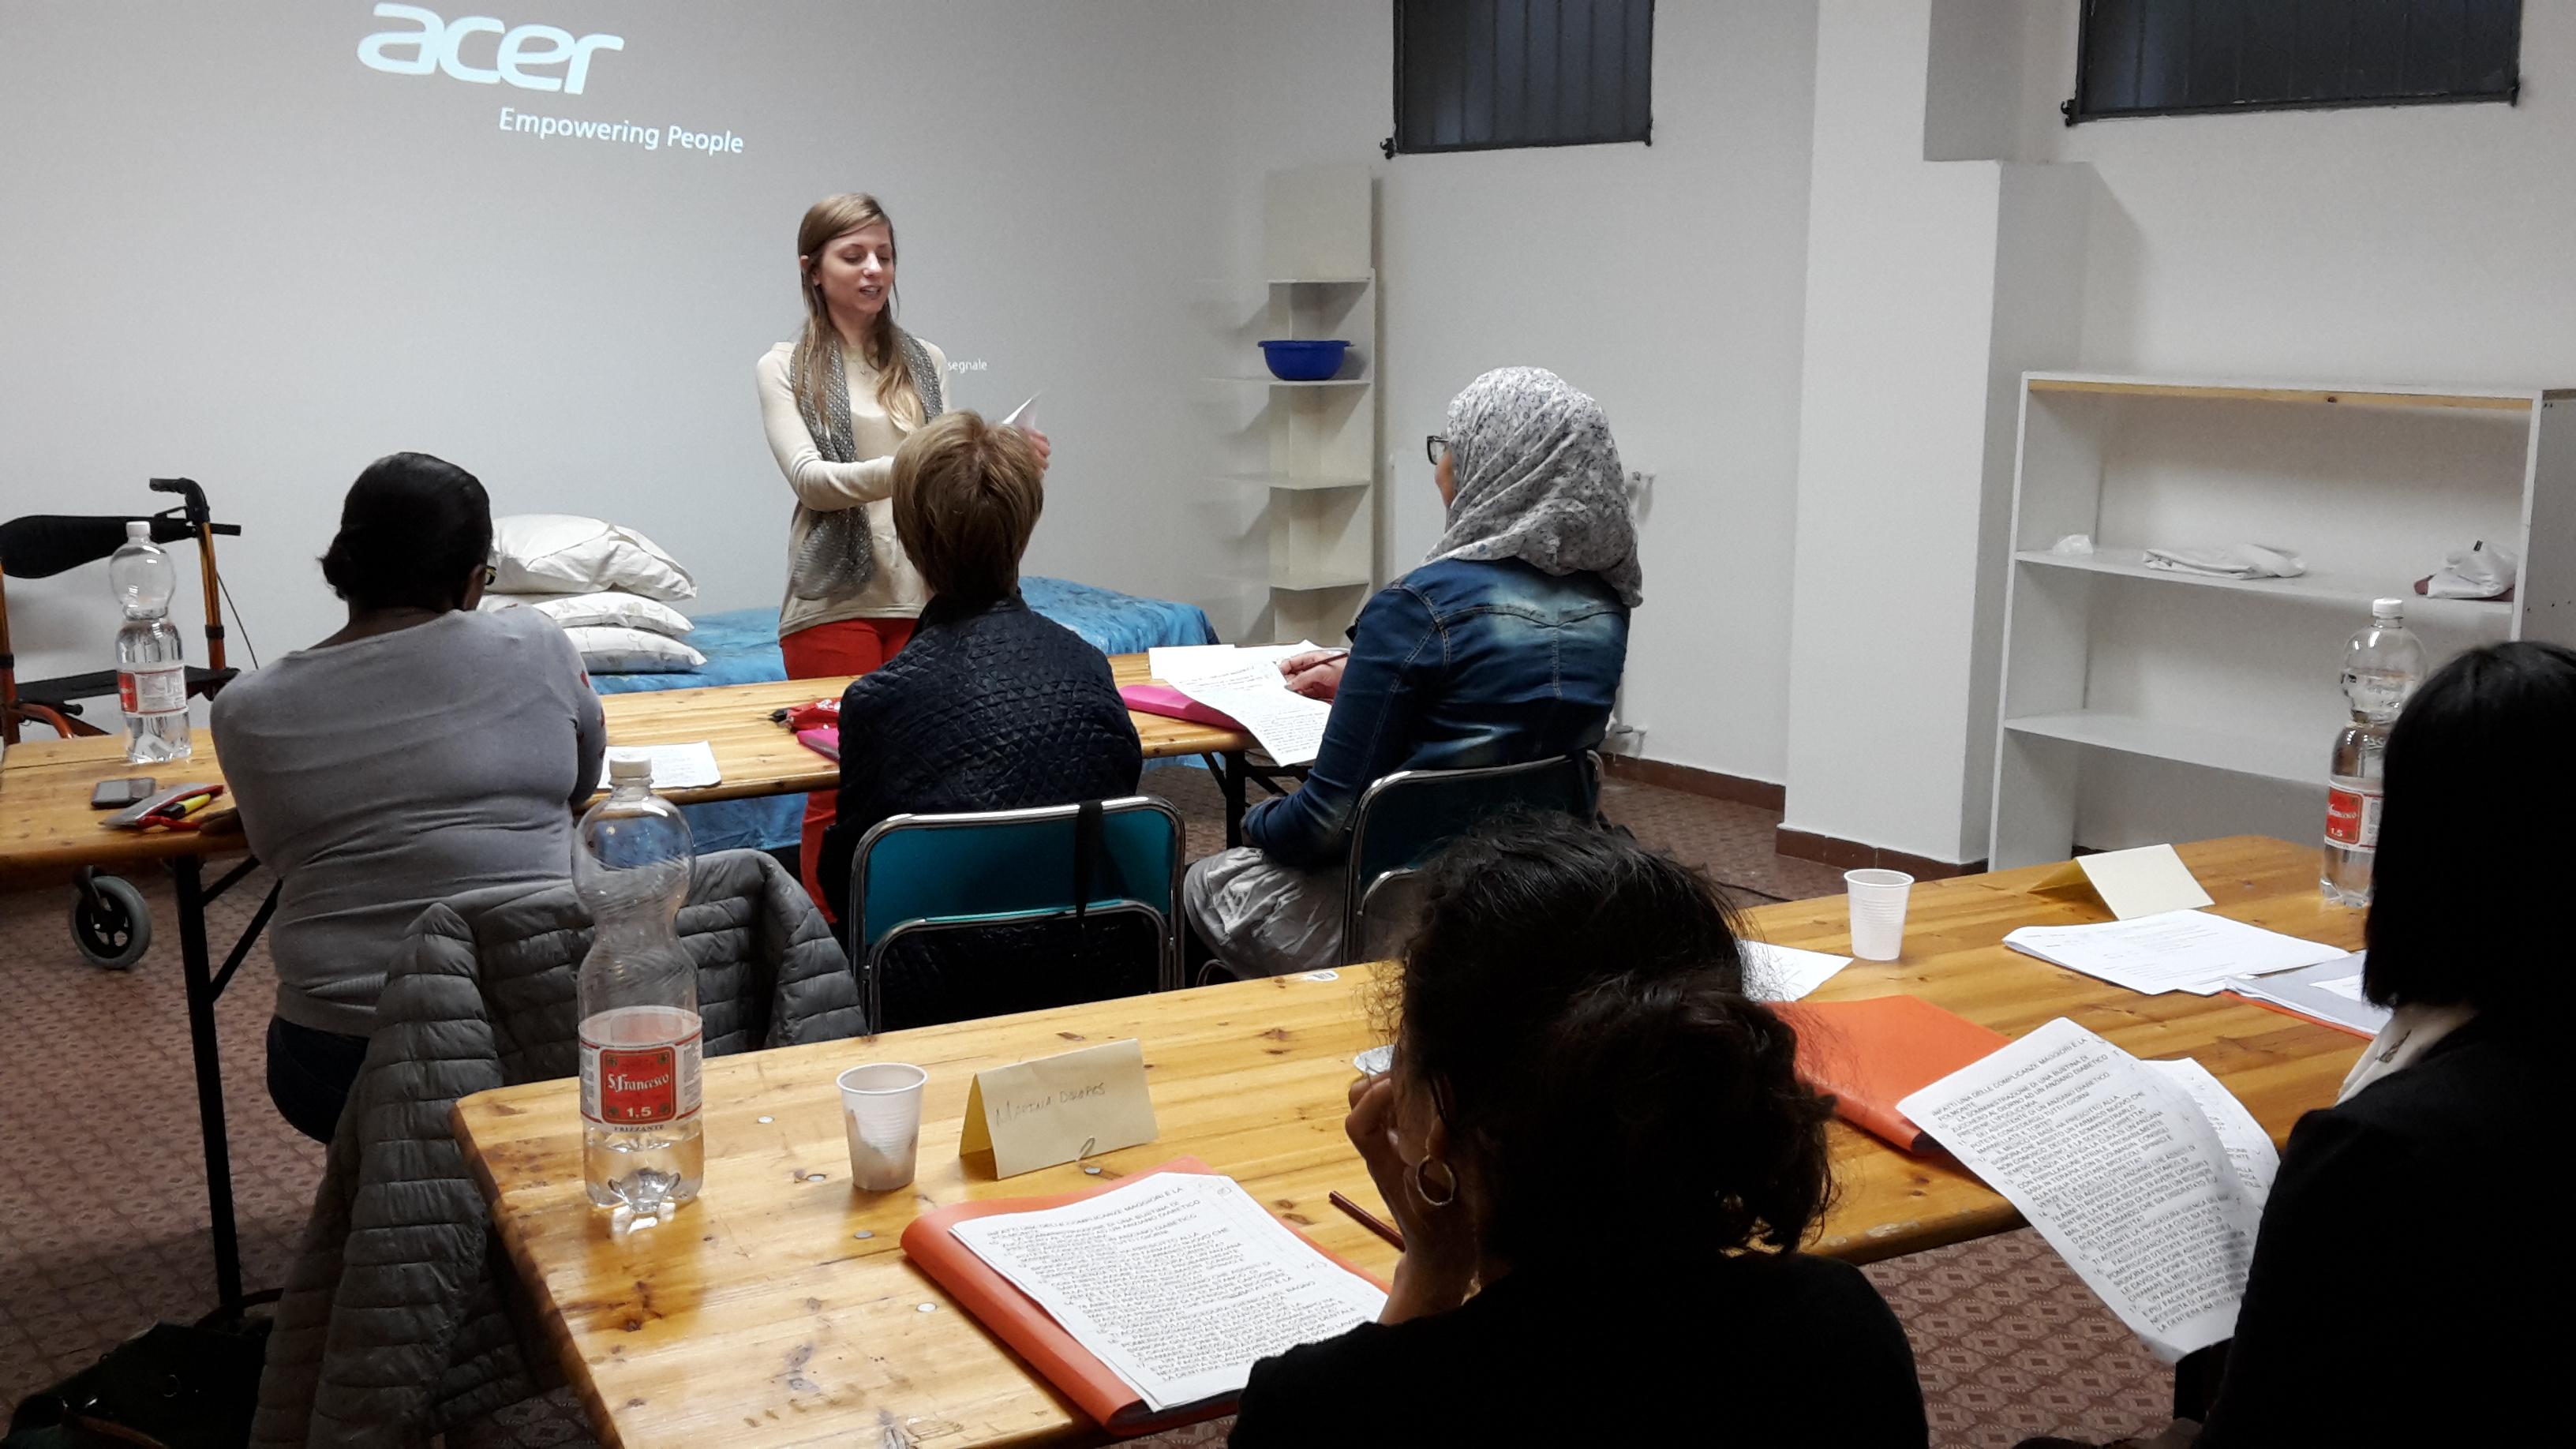 Un'aula di persone che hanno deciso di mettersi alla prova, per crescere sia personalmente che professionalmente